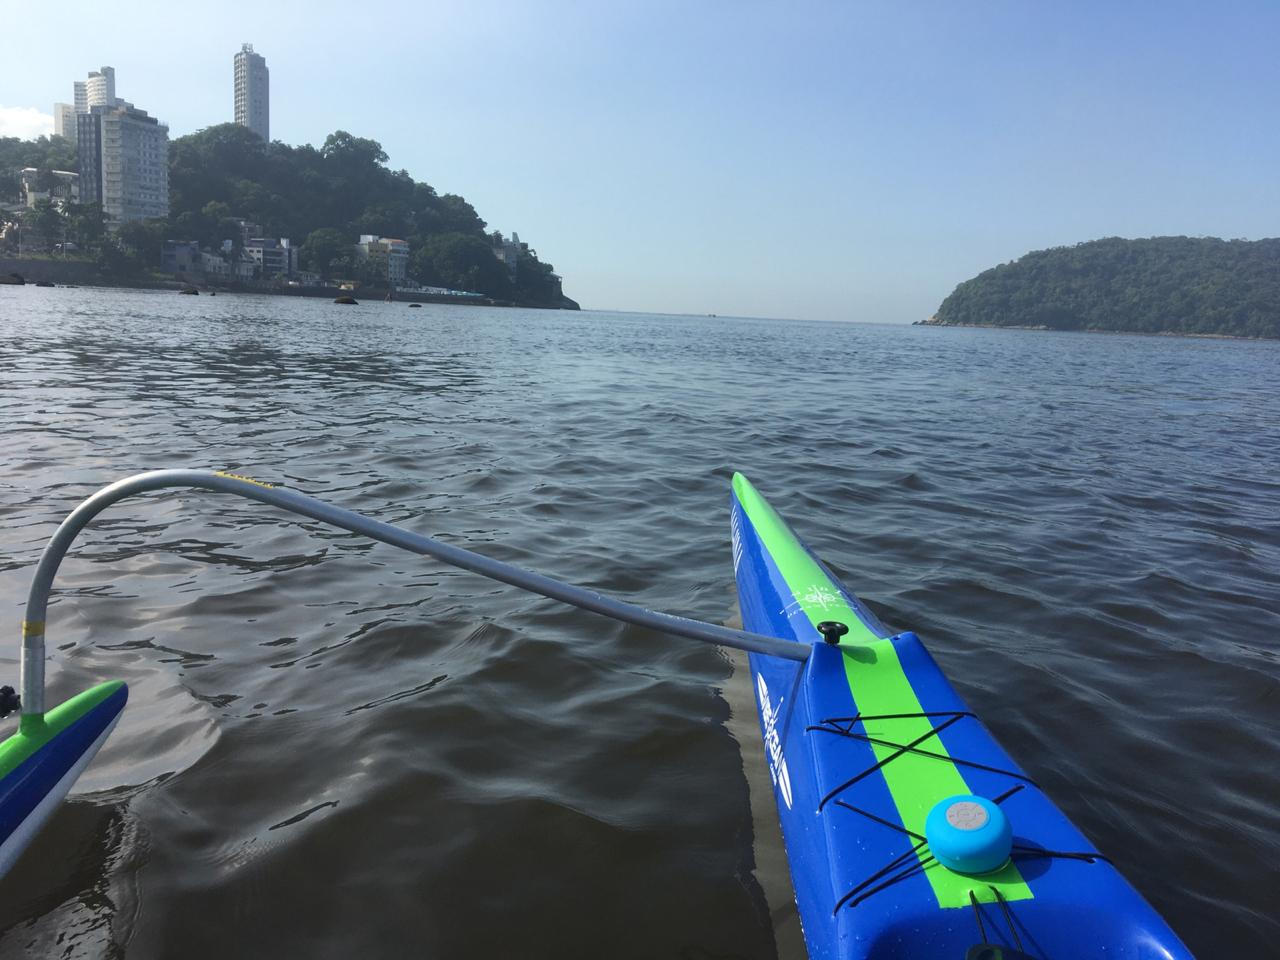 Canoa com ótimo desempenho para navegação oceânica ou em represas.